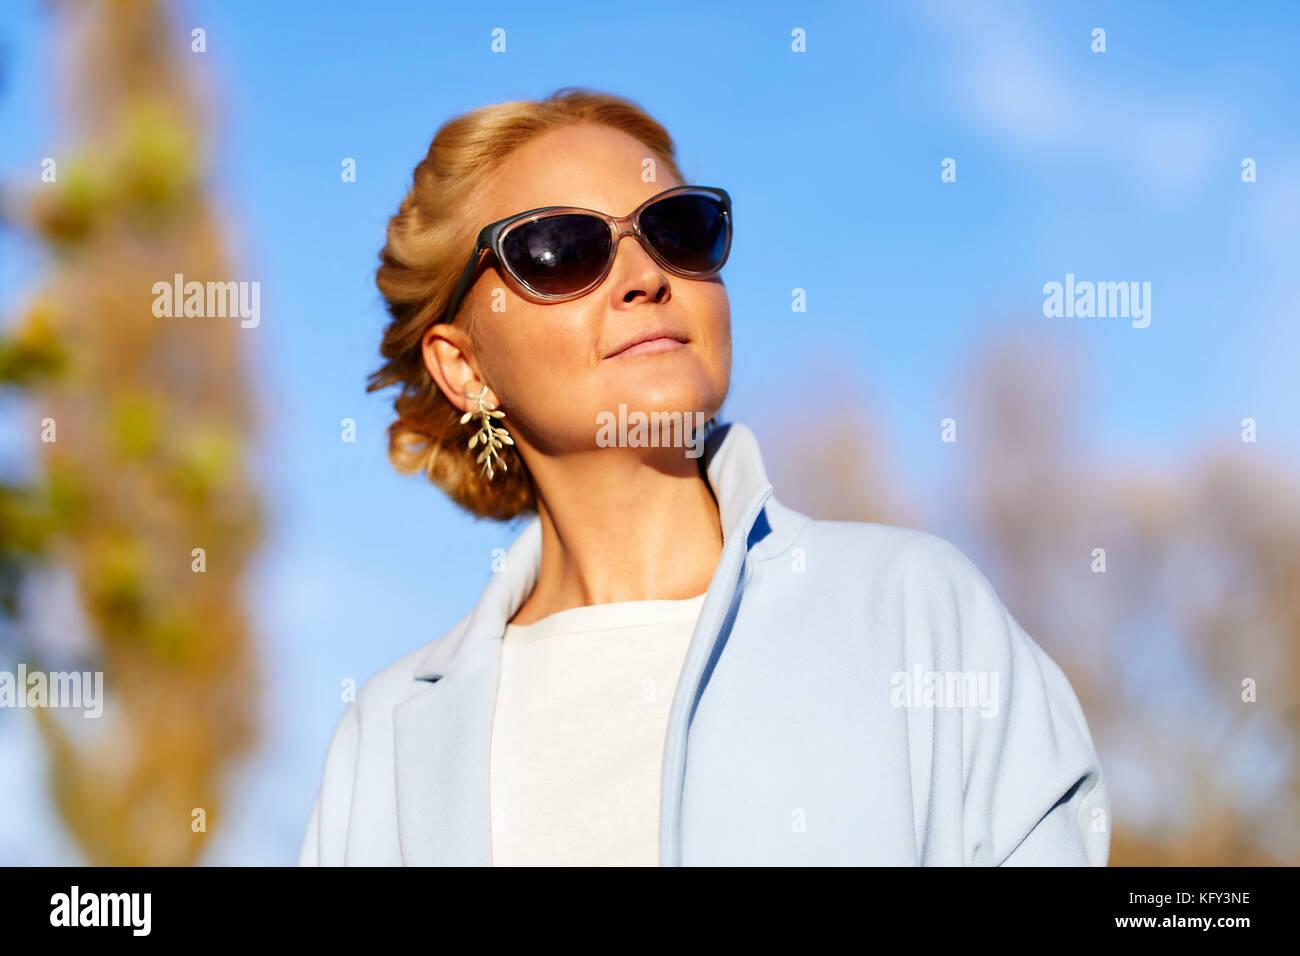 Beautiful woman wearing sunglasses - Stock Image